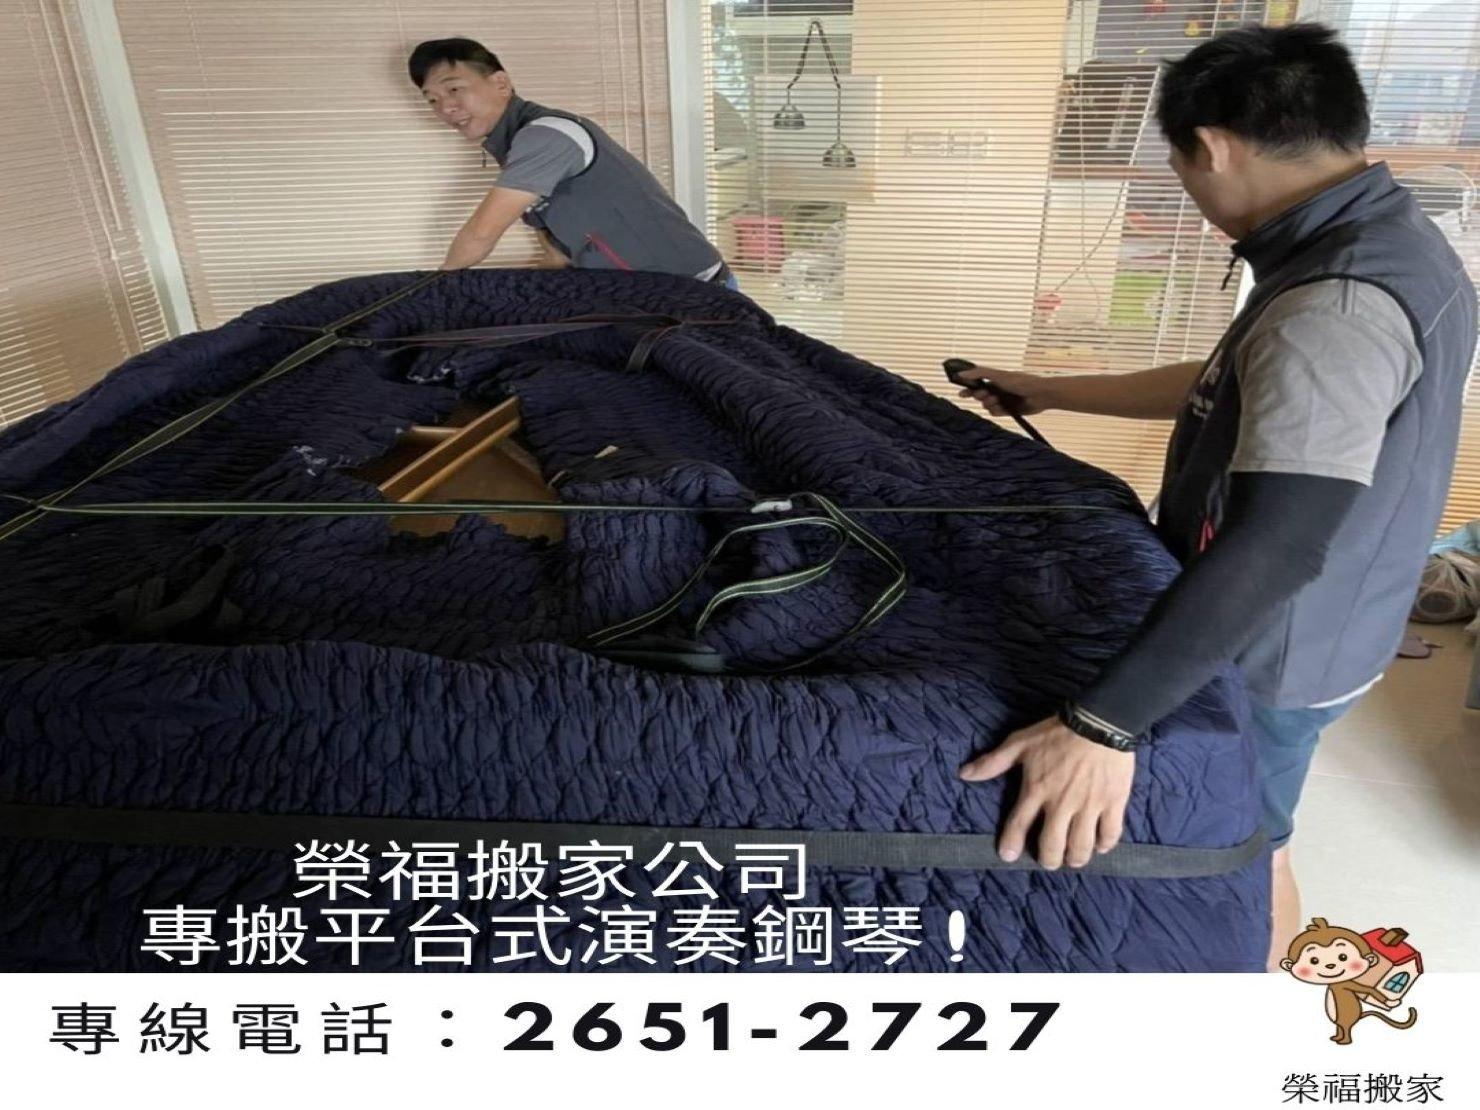 【鋼琴搬運】搬YAMAHA平台式演奏鋼琴又稱三角琴,看榮福搬家如何安全搬運步驟大分析